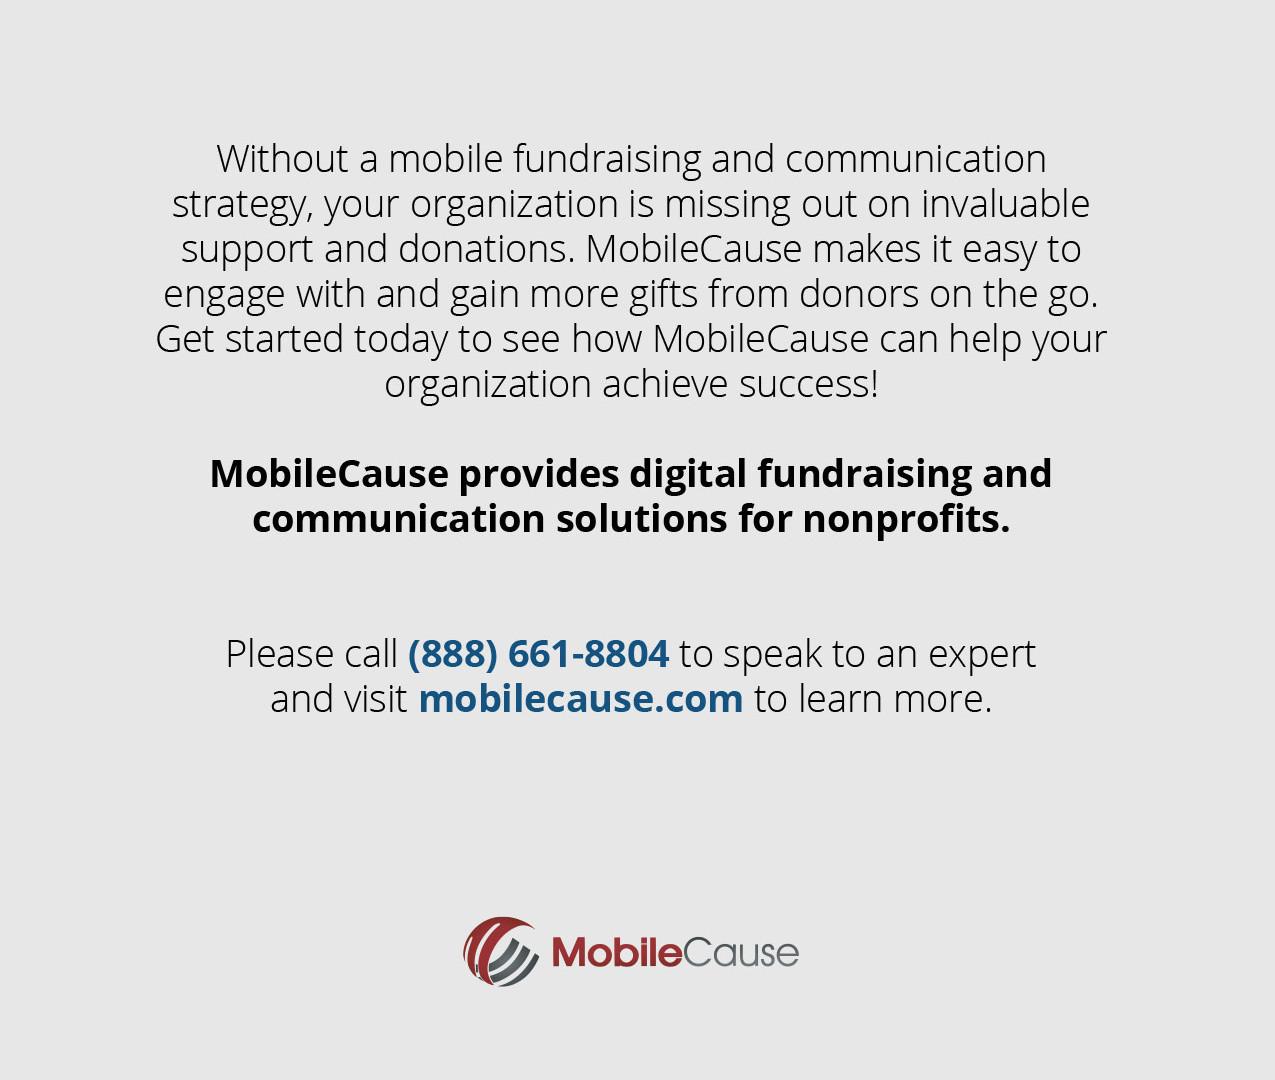 Mobile_Fundraising_Guide-11.jpg